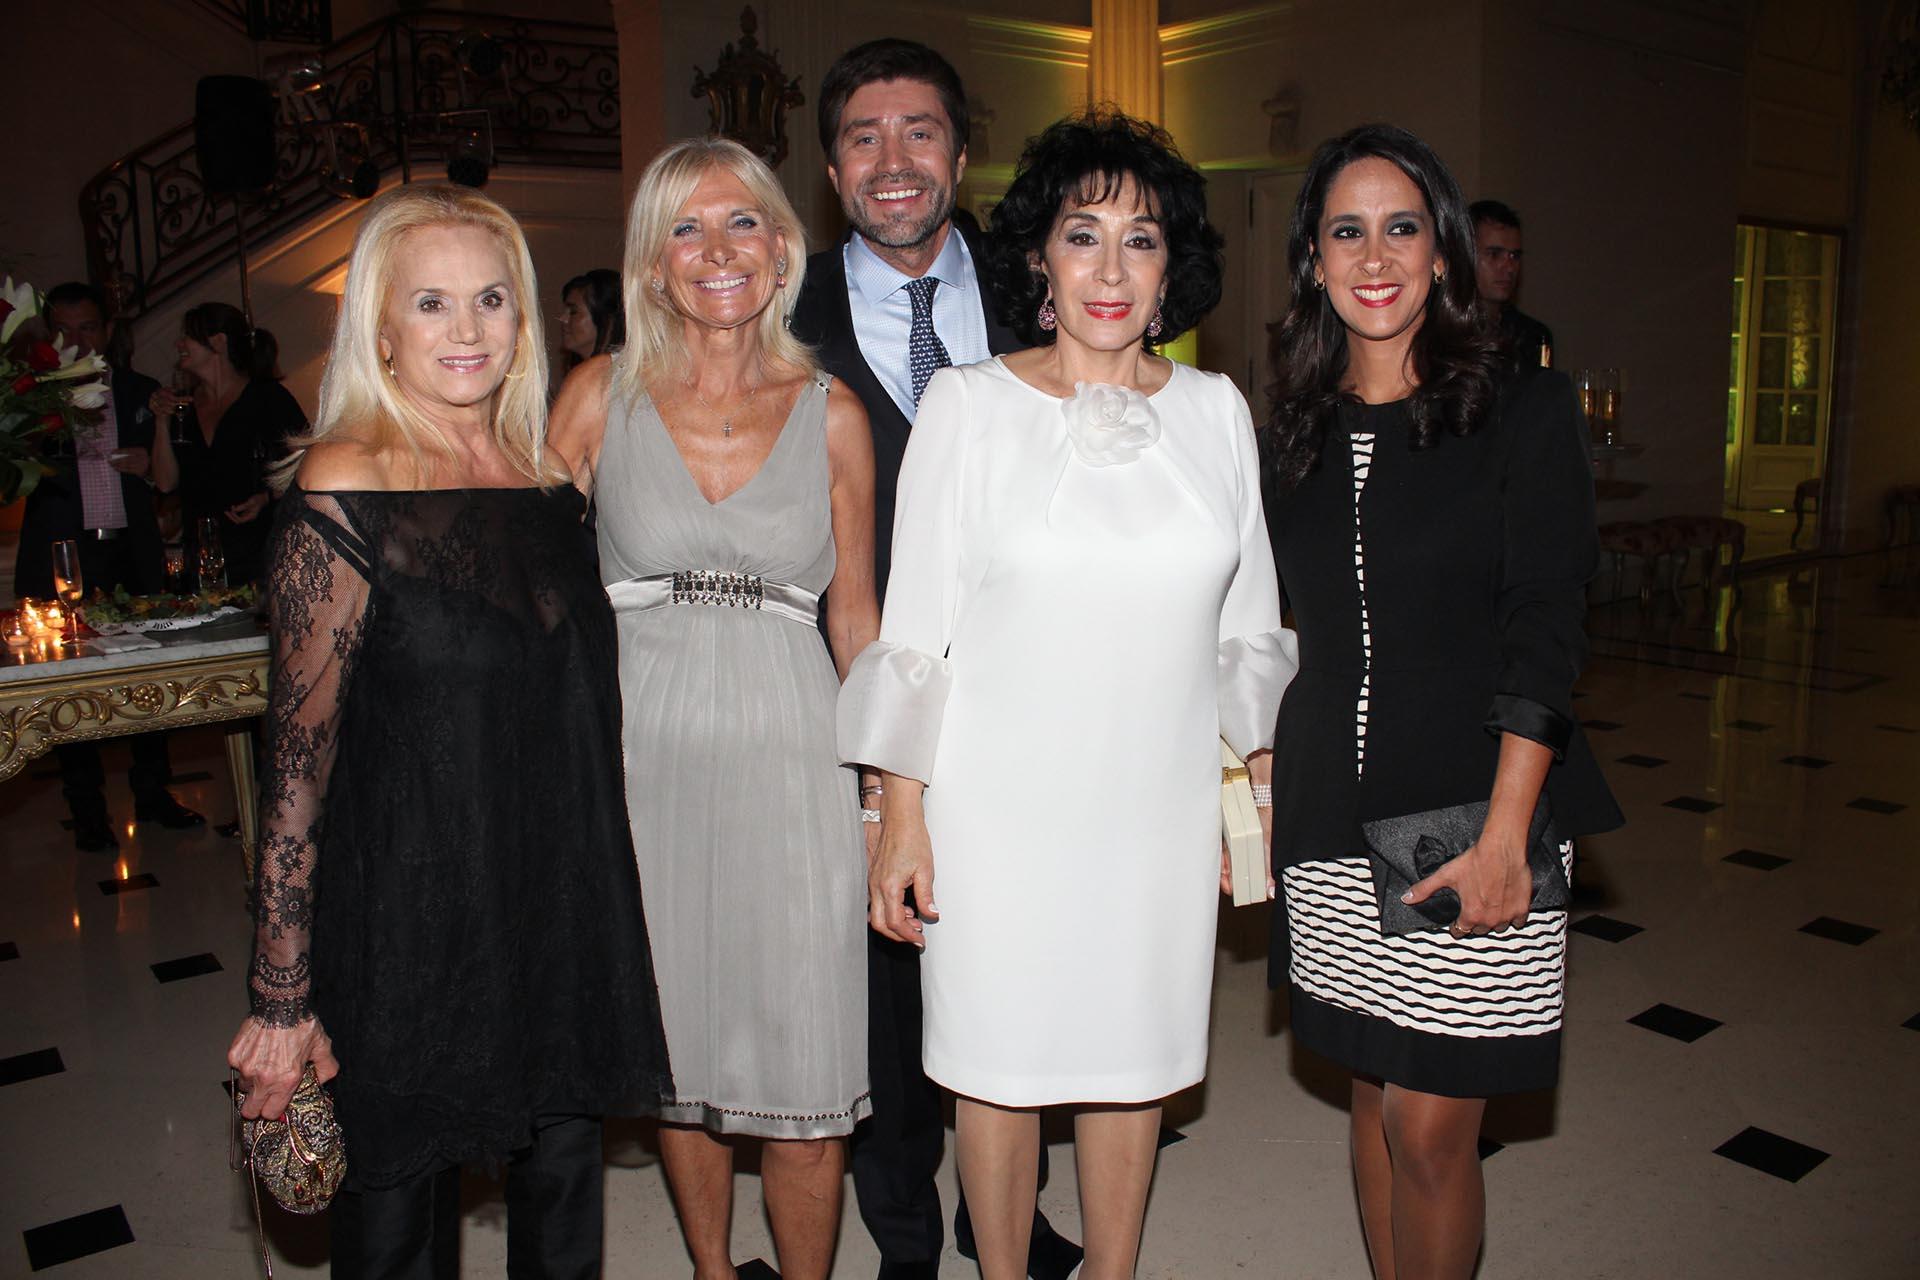 Elsa Serrano, Teresa Castaldo, Graciela Pérez Lastra y Vanesa de Noble Herrera junto al agasajado